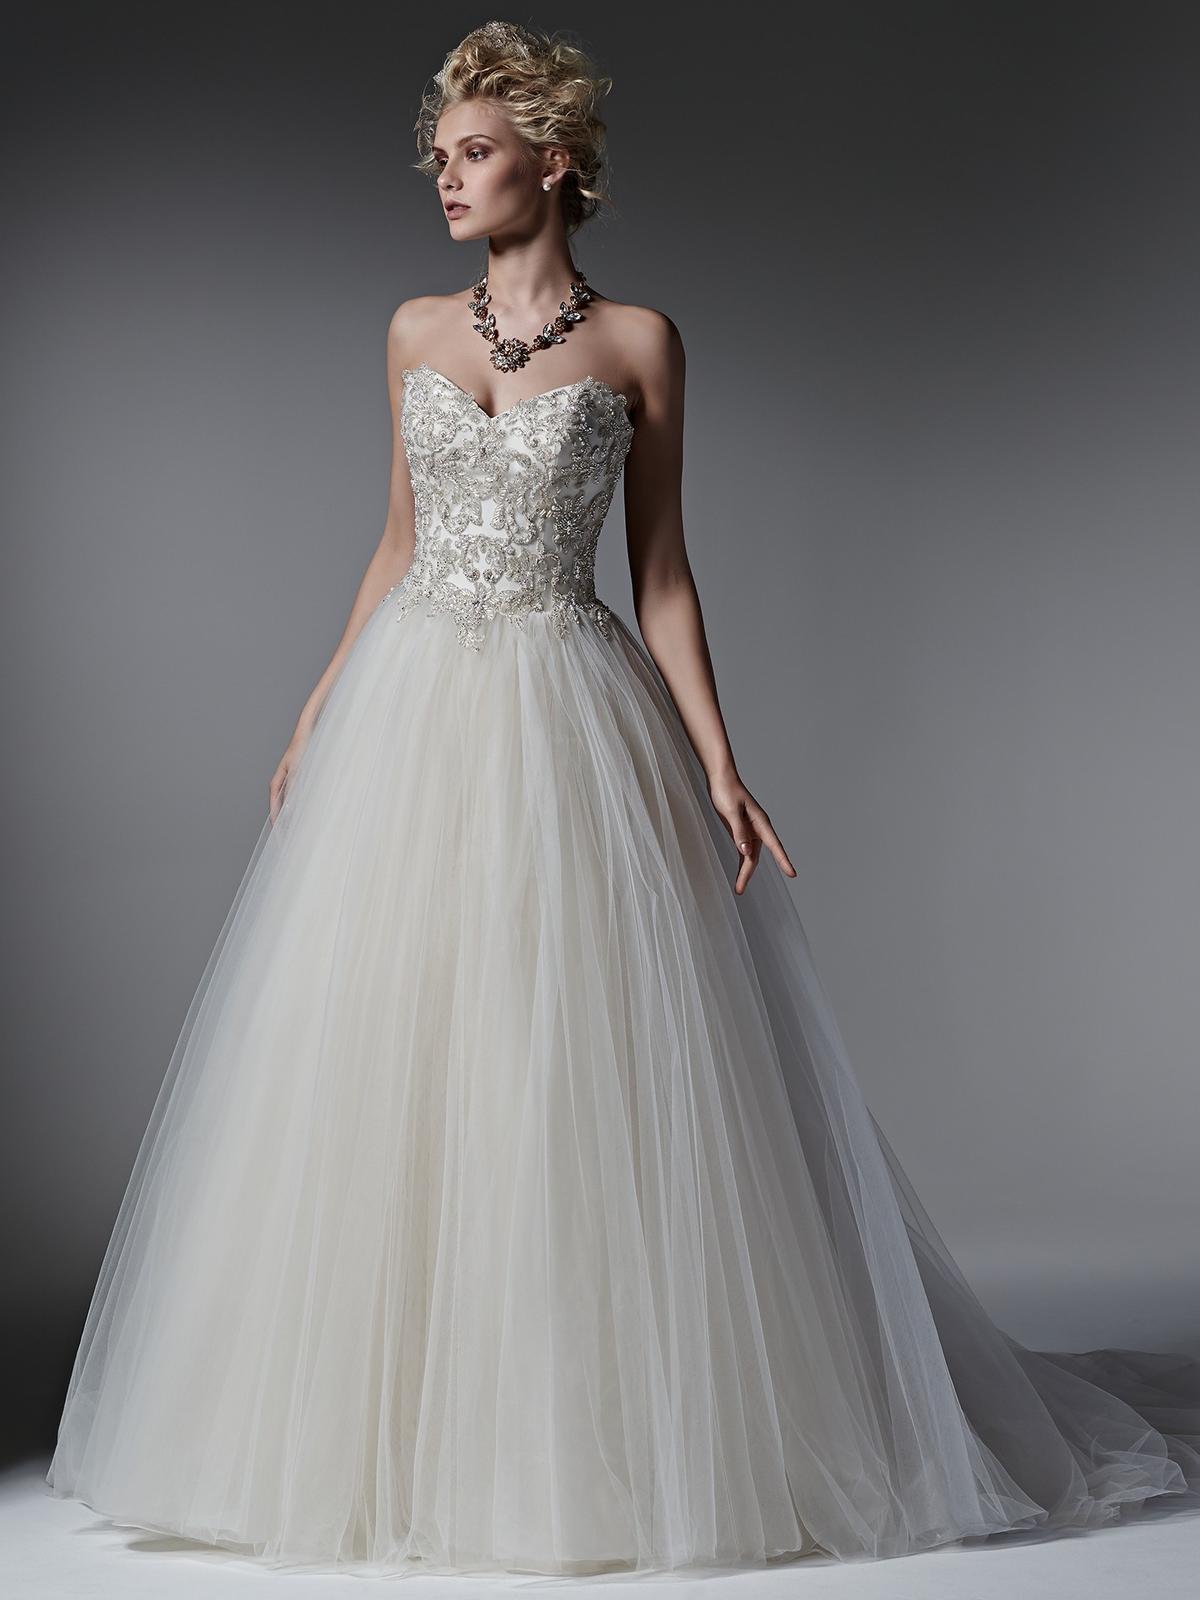 Pôvabné a luxusne pôsobiace svadobné šaty LAYLA prestížnej značky Sottero&Midgley na Vás čakajú v salóne Diamond v ŽILINE ;) - model LAYLA by Sottero&Midley